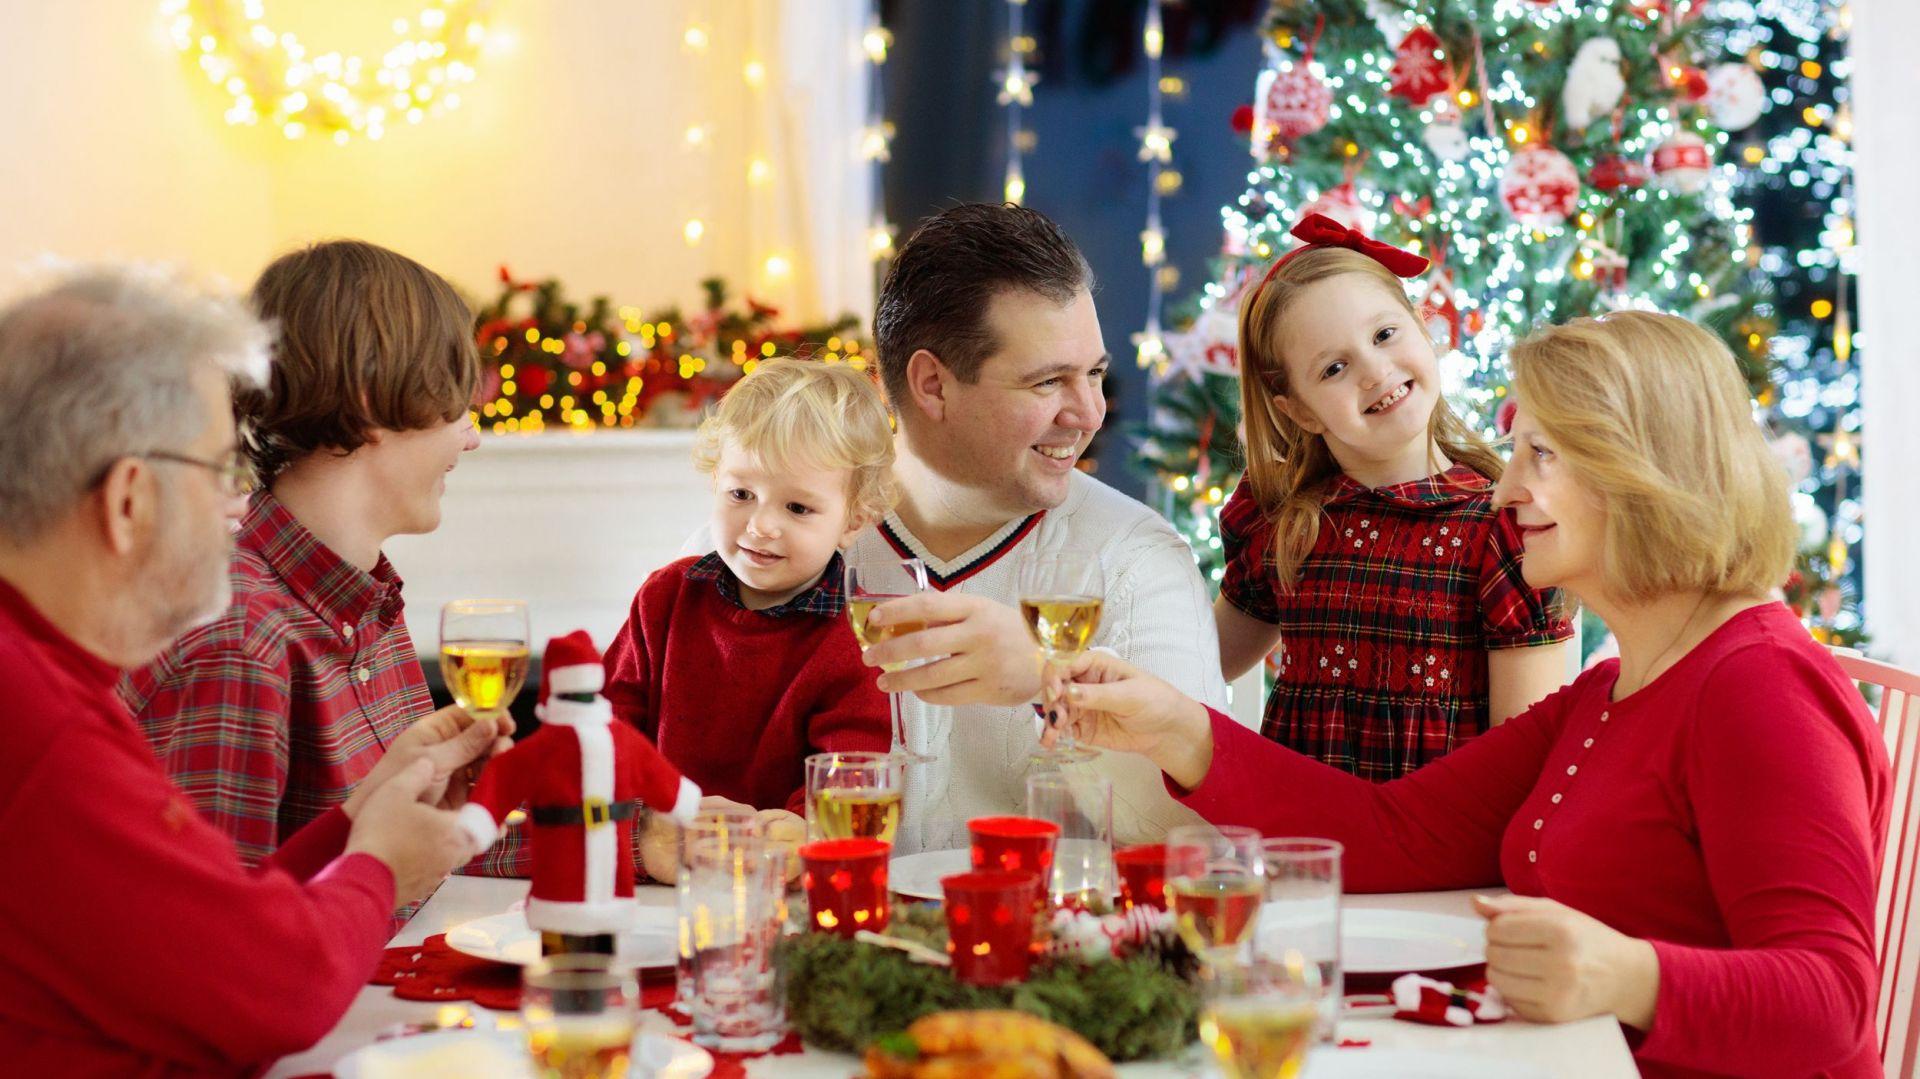 Wigilijny stół, przy którym gromadzą się rodzina i znajomi, to jeden z najważniejszych elementów Bożego Narodzenia. Fot. 123rf